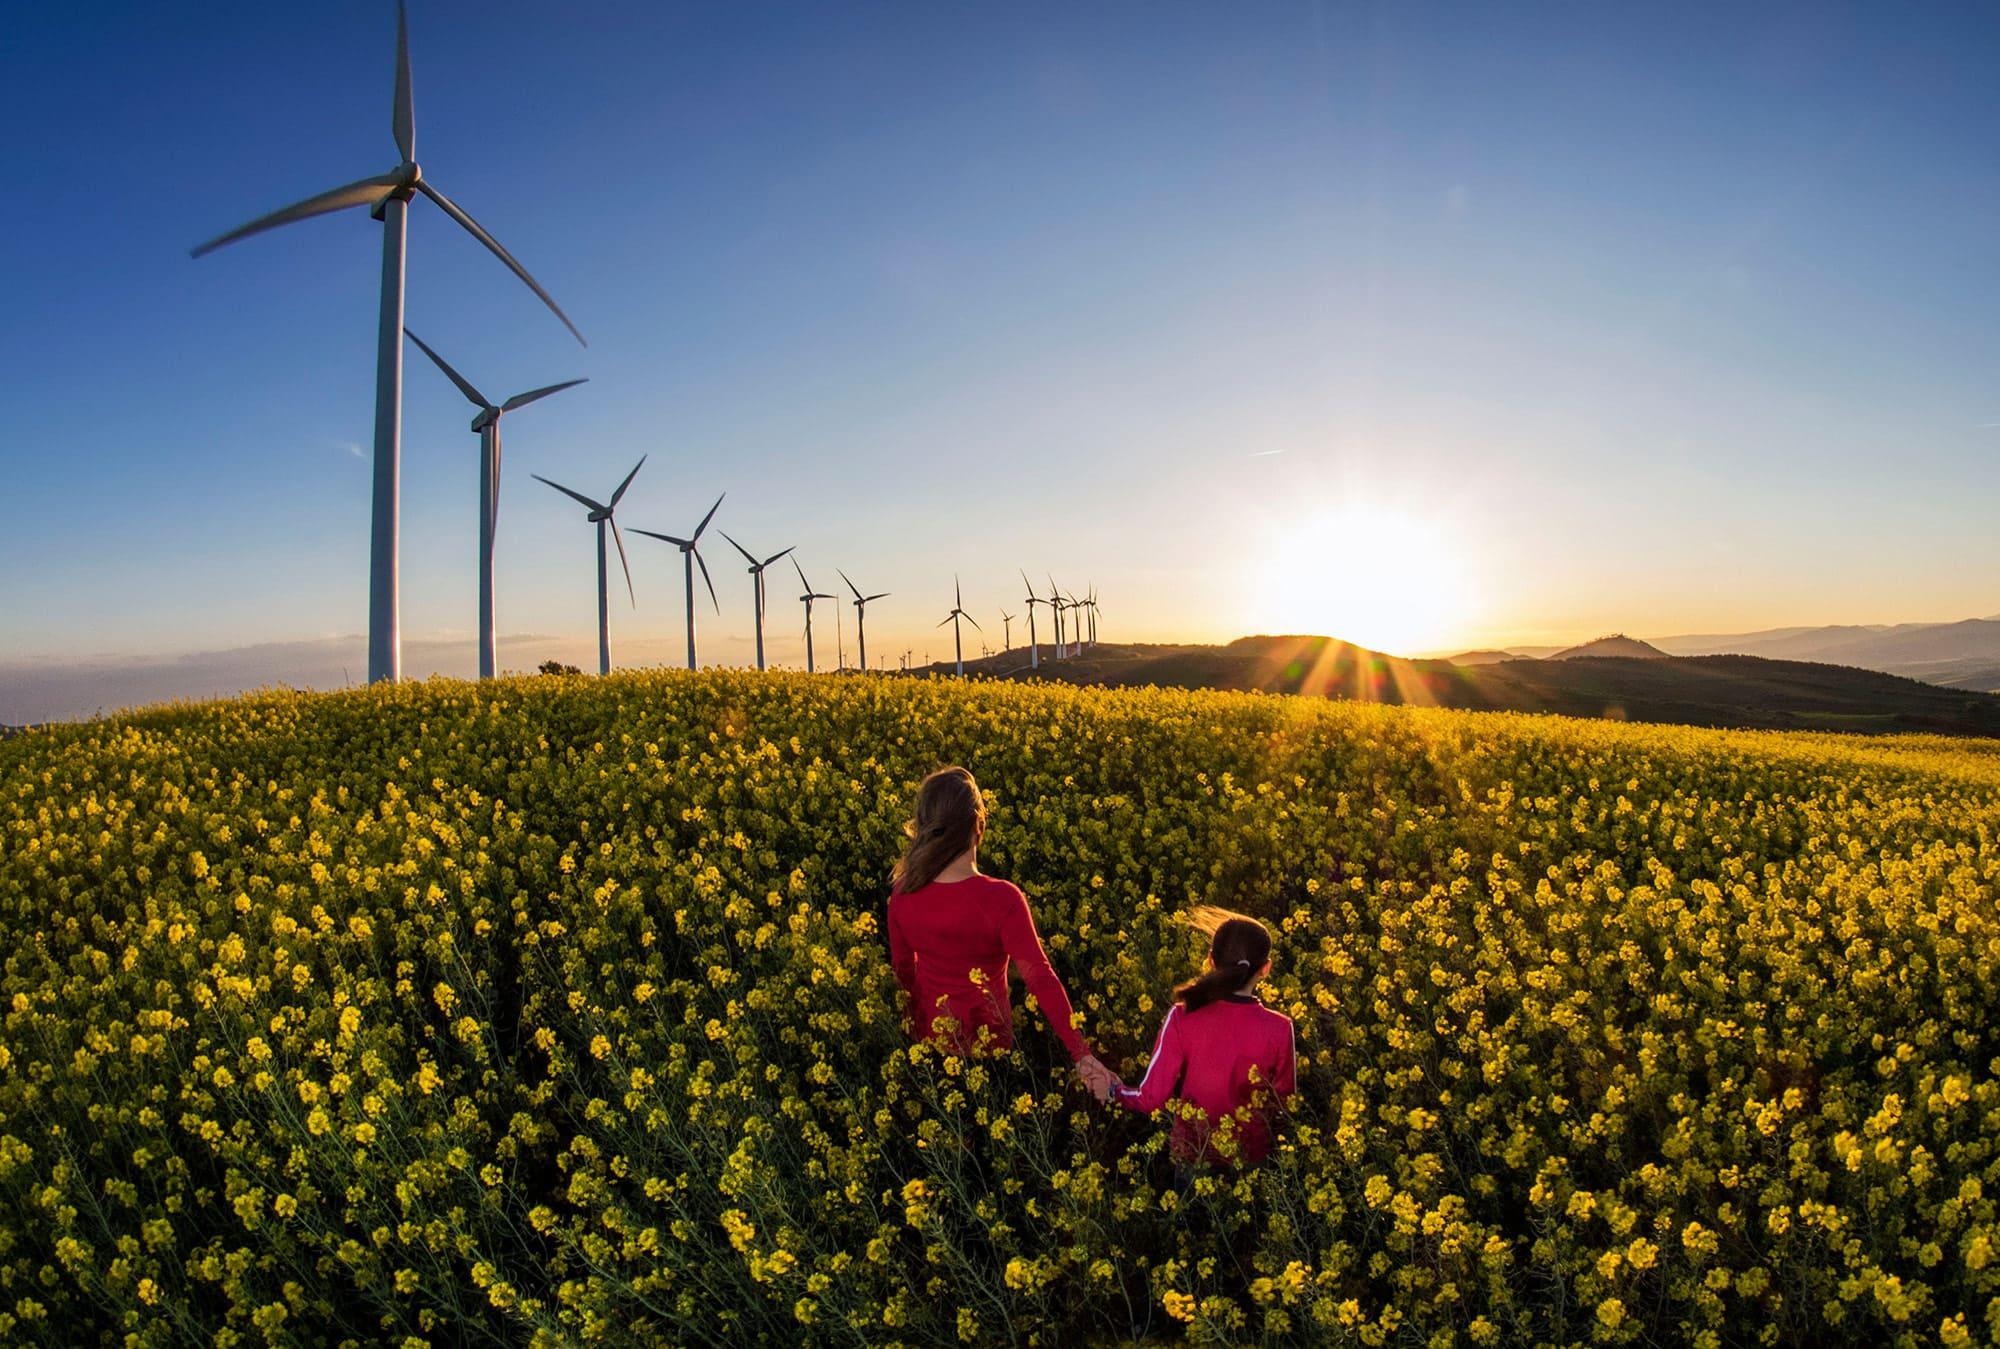 La aprobación de la Ley de Cambio Climático y Transición Energética es un paso decisivo y esperado por el sector eólico